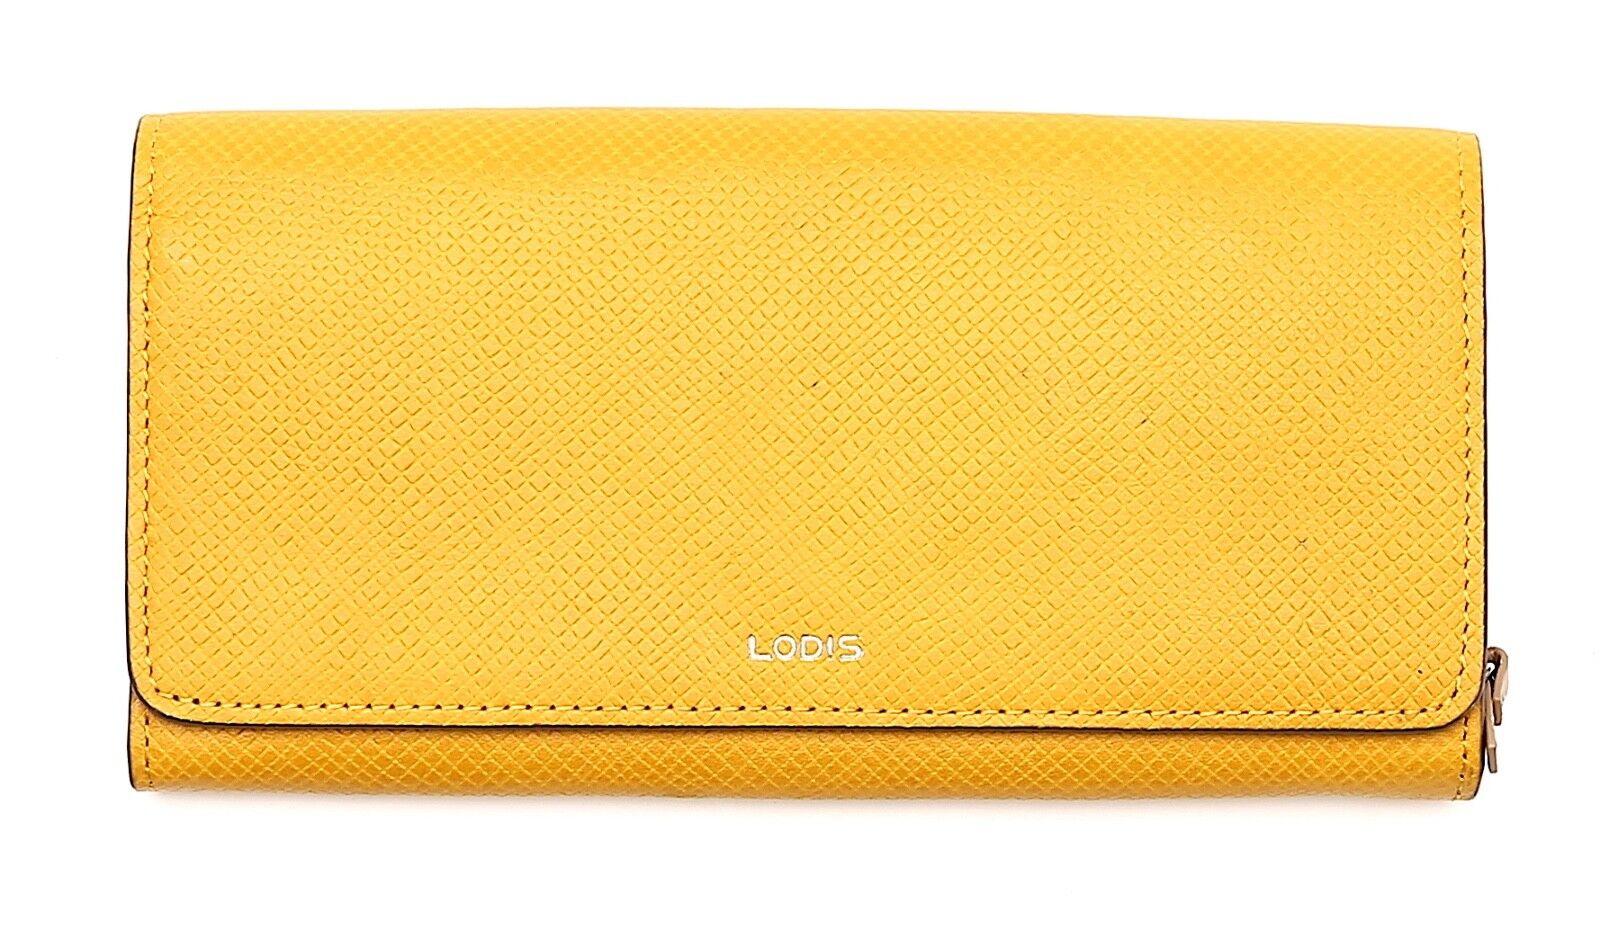 Lodis Woven Leather Mustard Women's Wallet Clutch 62212